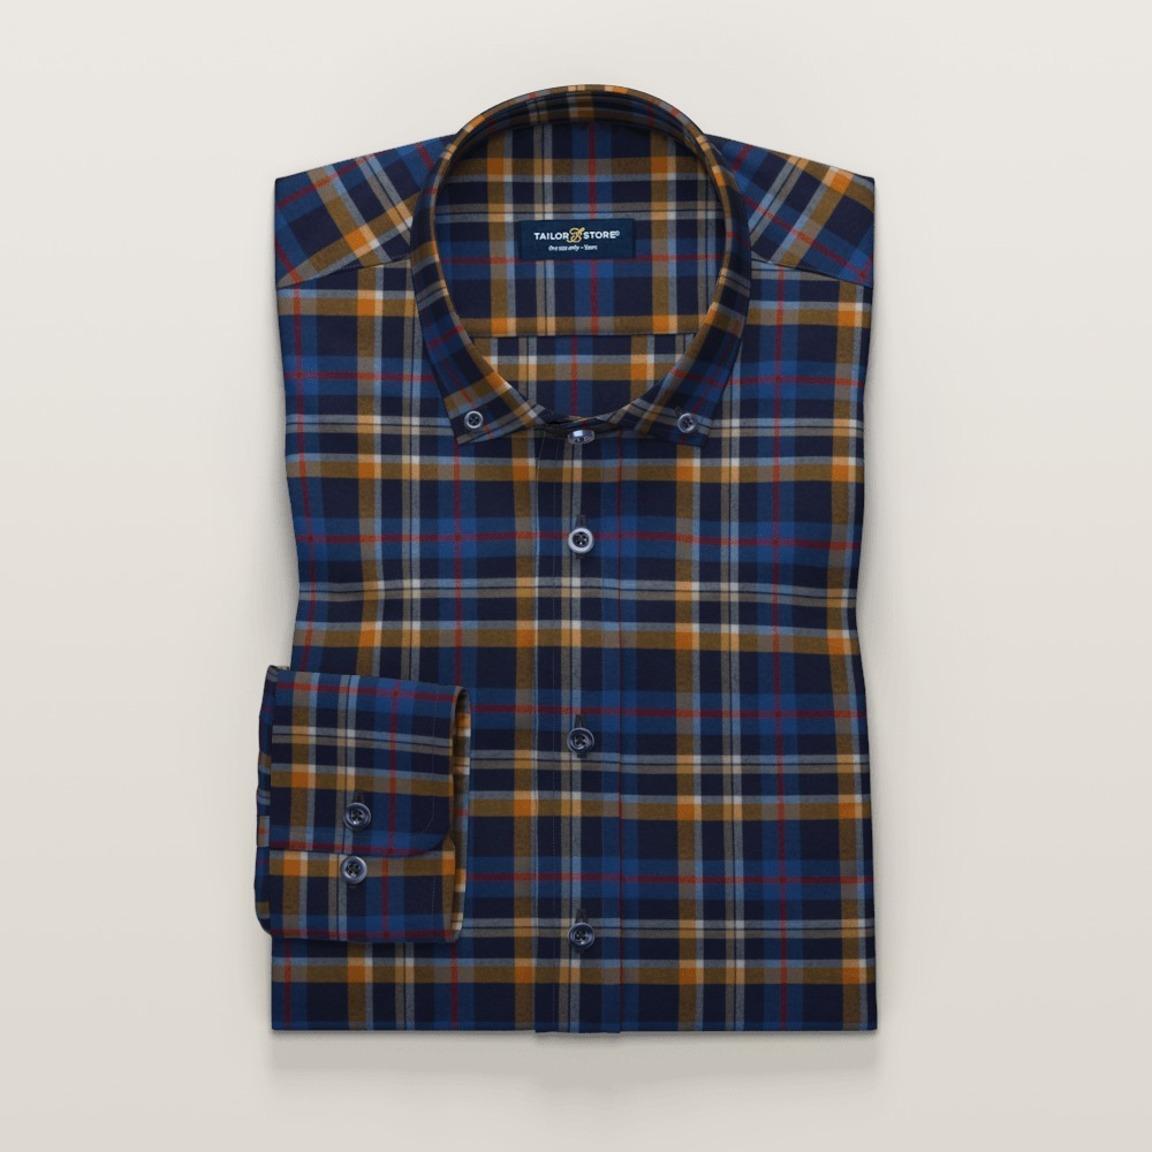 Chemise bleu marine et orange en twill à carreaux